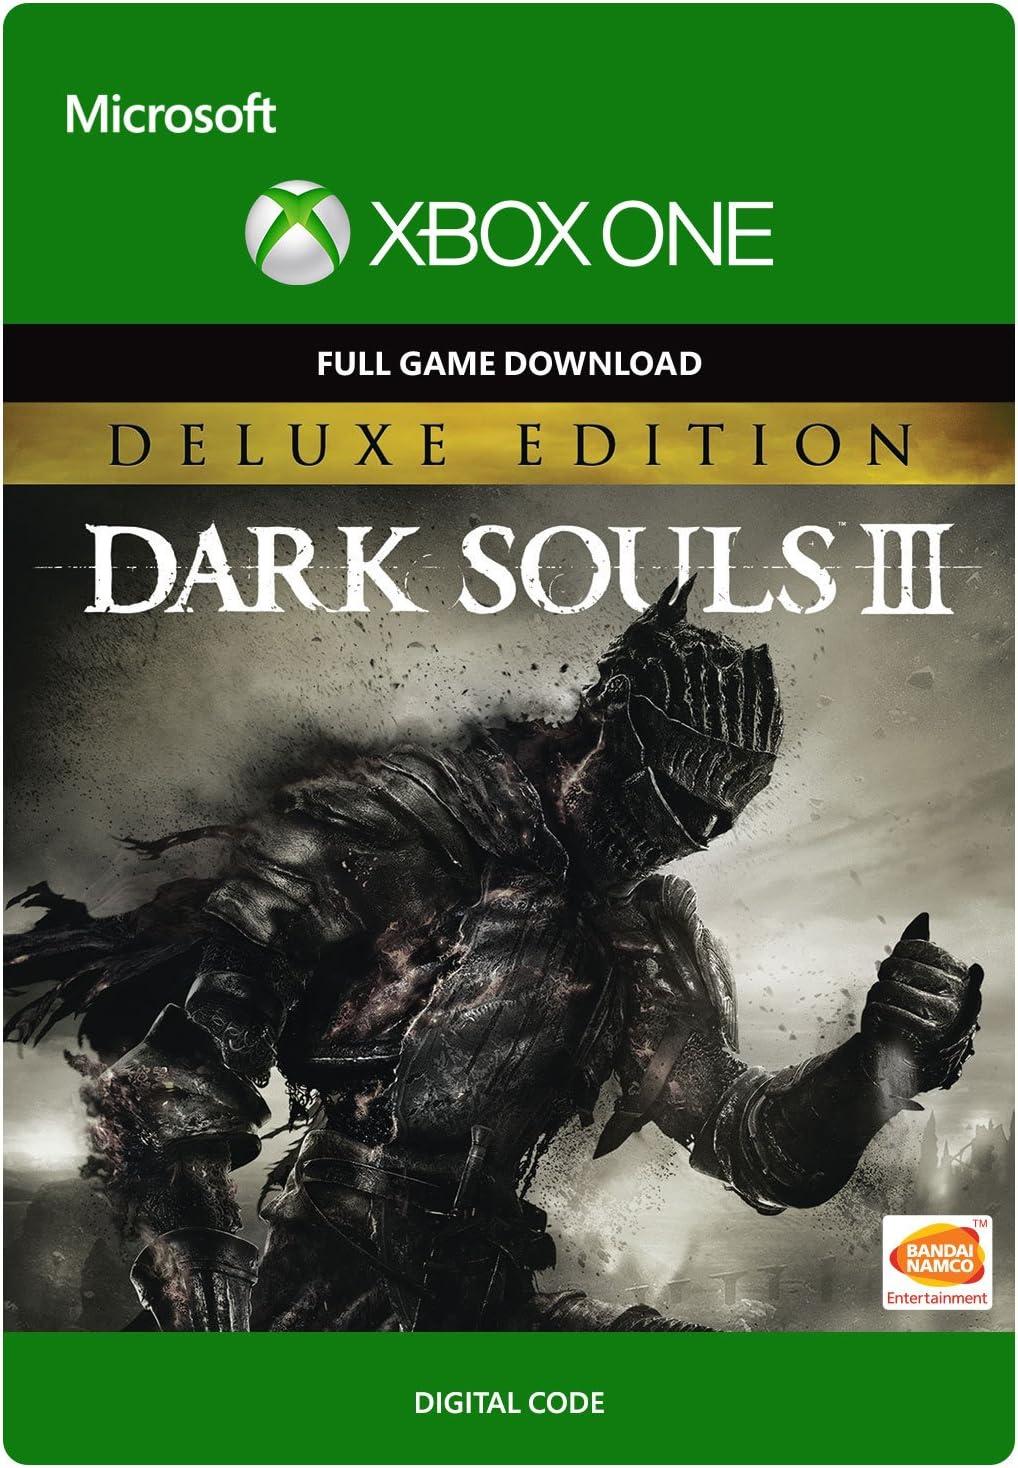 Dark Souls Iii Playstation 4 Standard Edition Bandai Sony Ps4 Nioh Reg3 Namco Games Amer Video